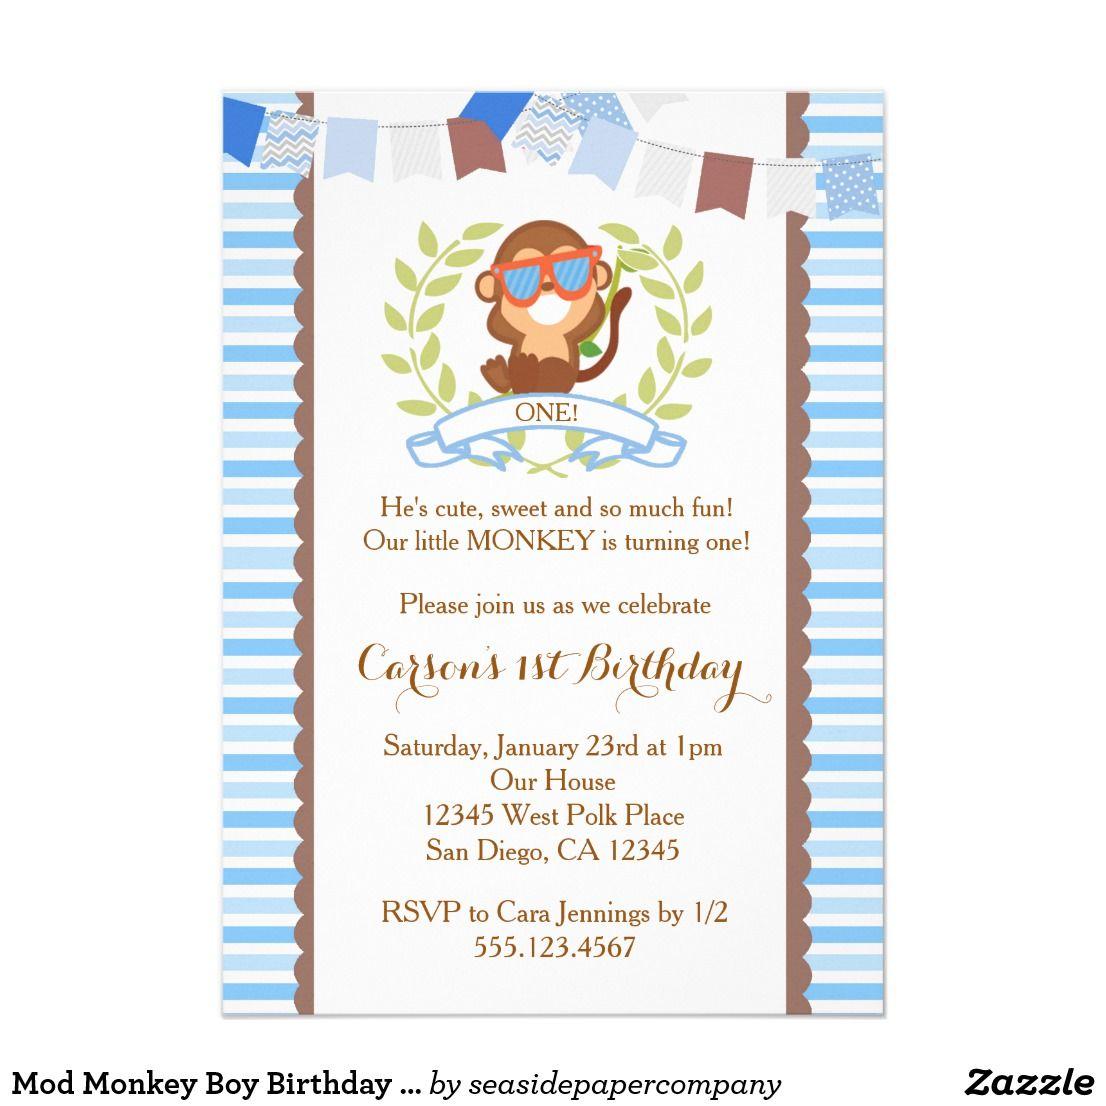 Mod Monkey Boy Birthday Invitation | Mod monkey, Boy birthday and ...